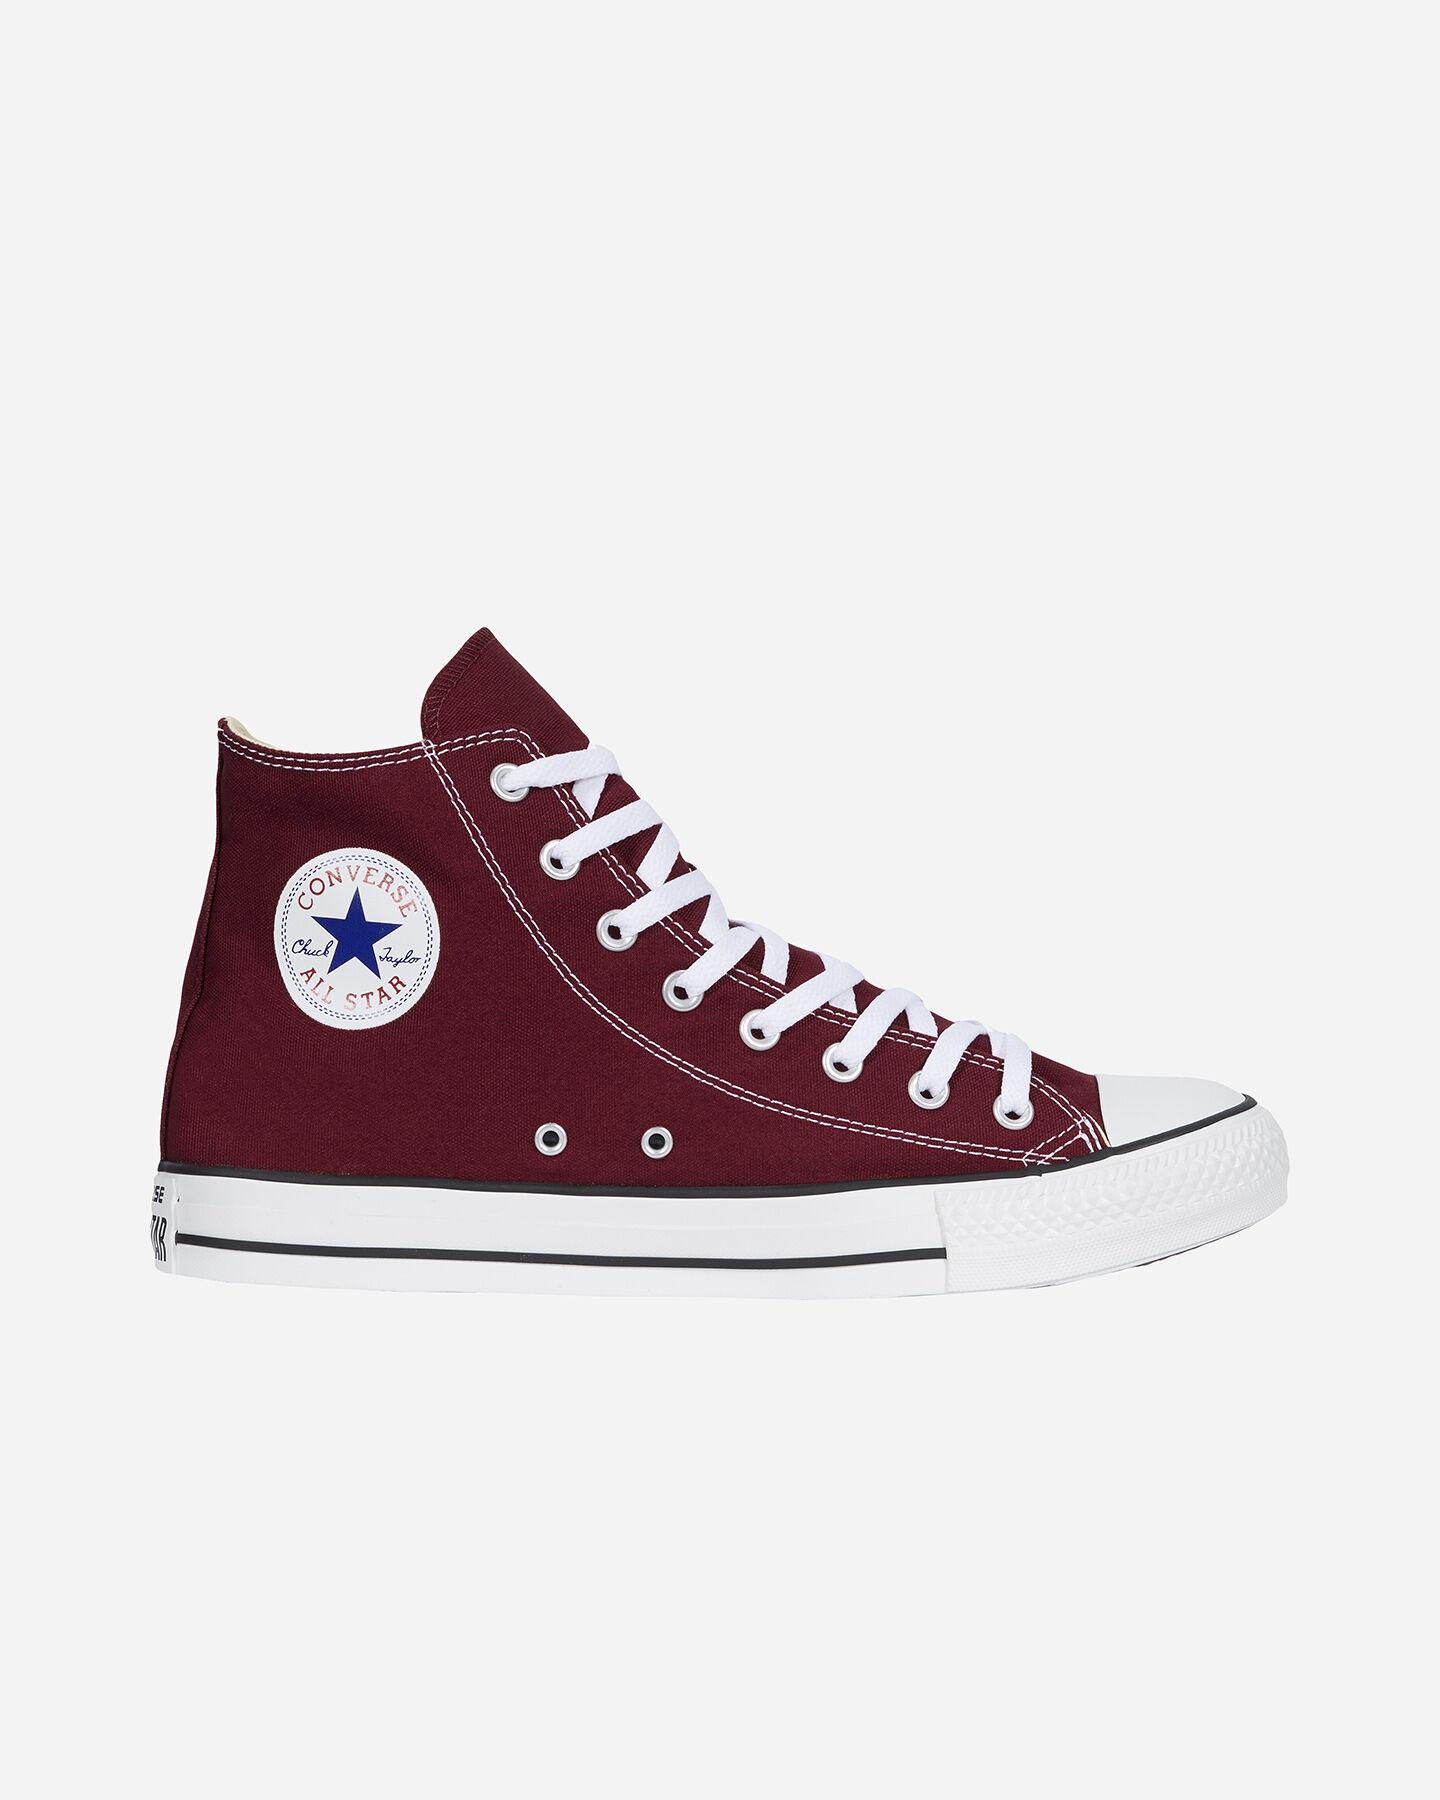 negozi scarpe converse roma